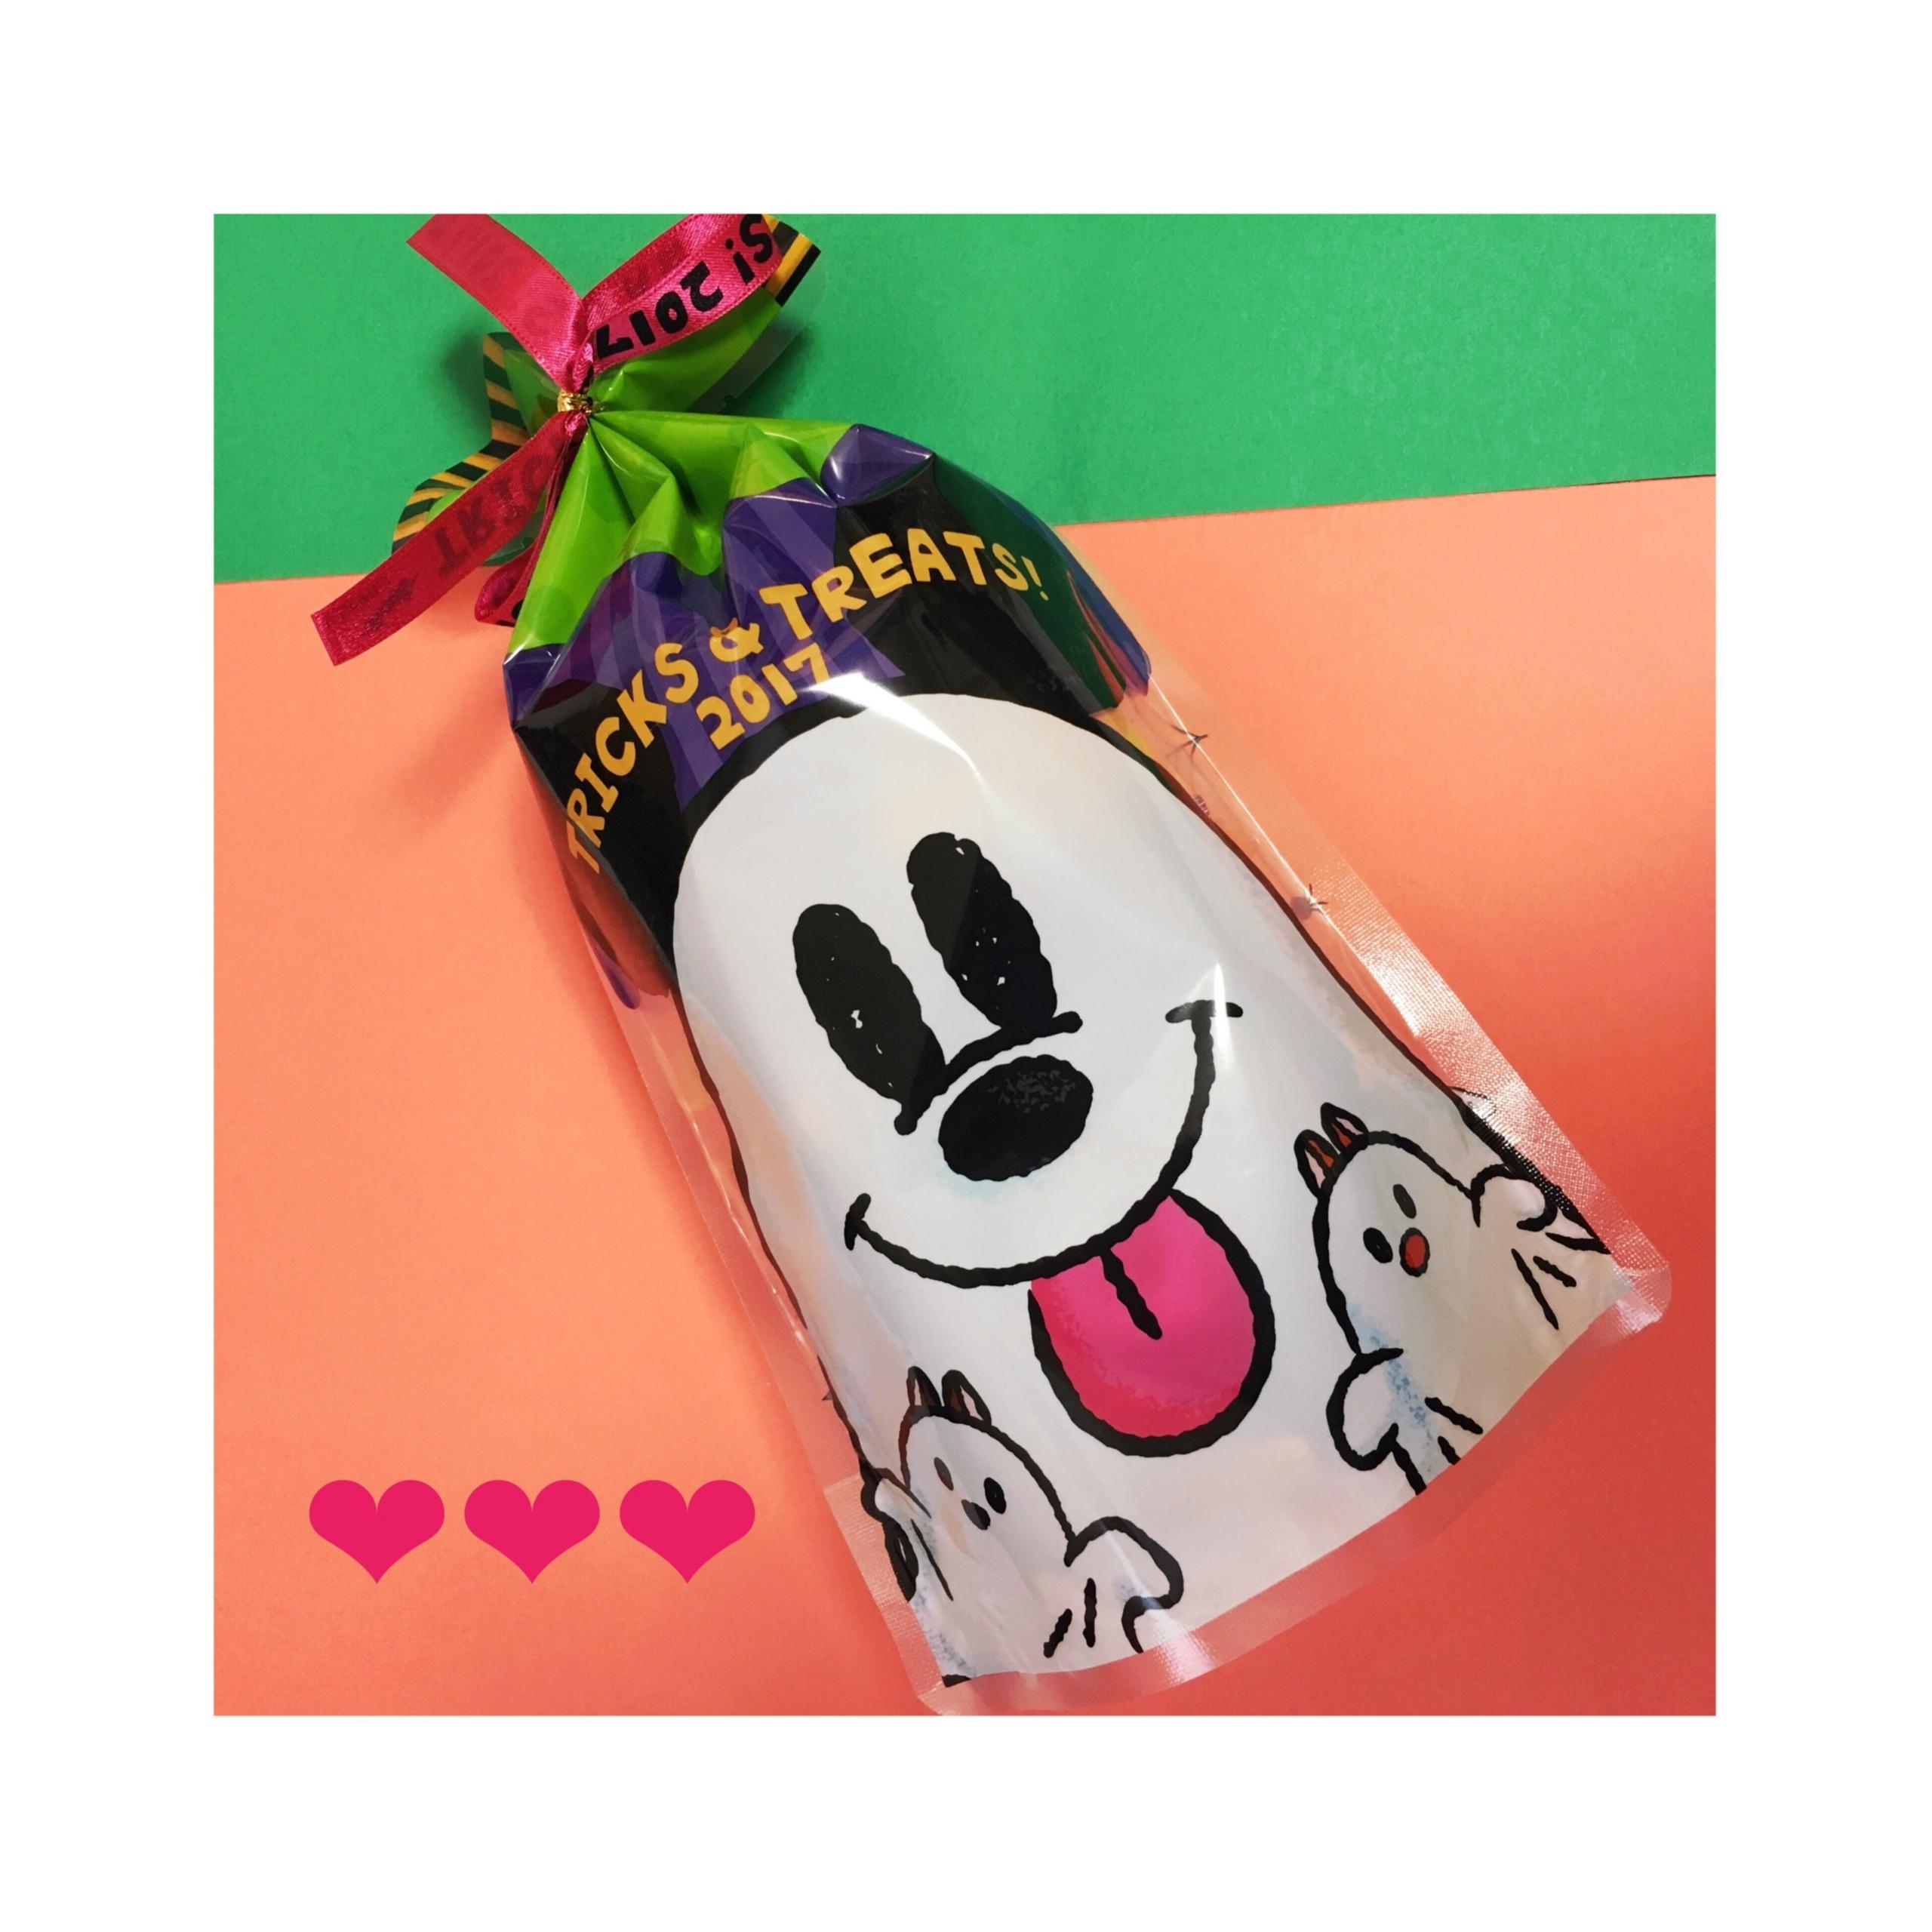 《ハロウィンシーズン到来★》【TDL】で思わずパケ買いしたオススメのお土産お菓子2選❤️_3